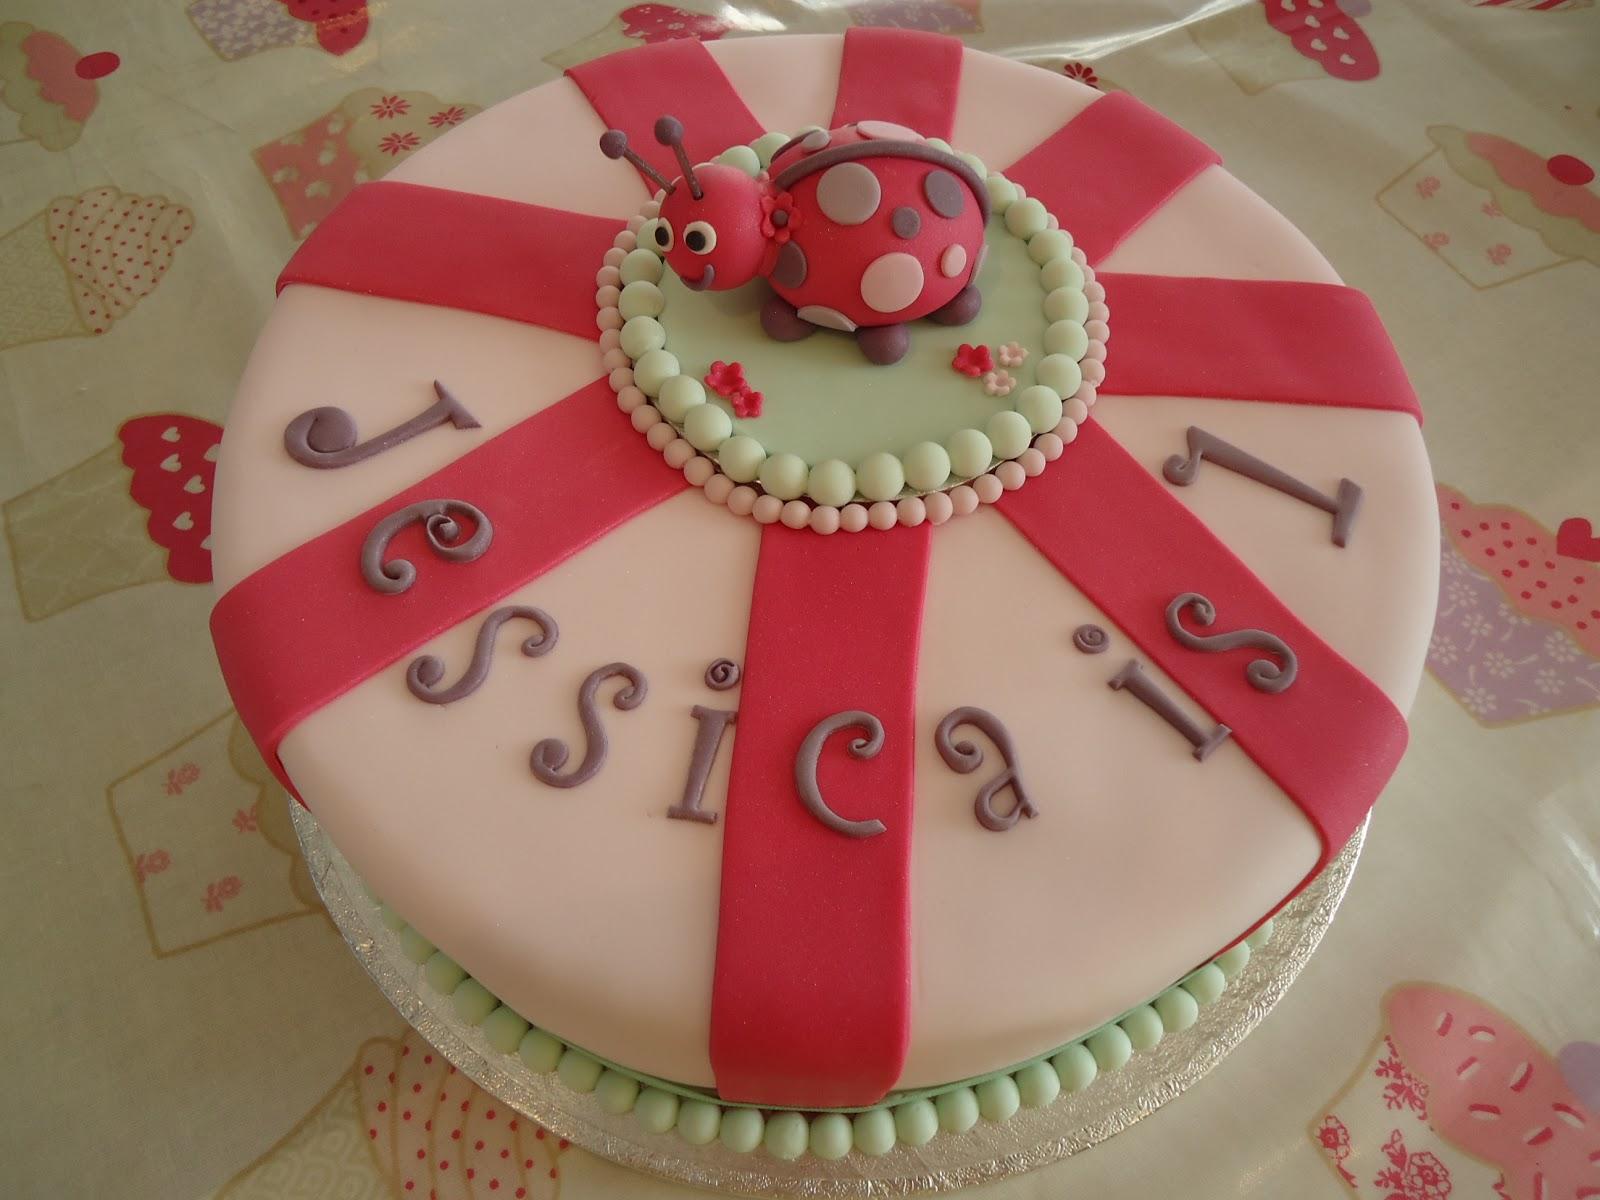 Fondant Cakes Cupcakes Pink Ladybird Cake